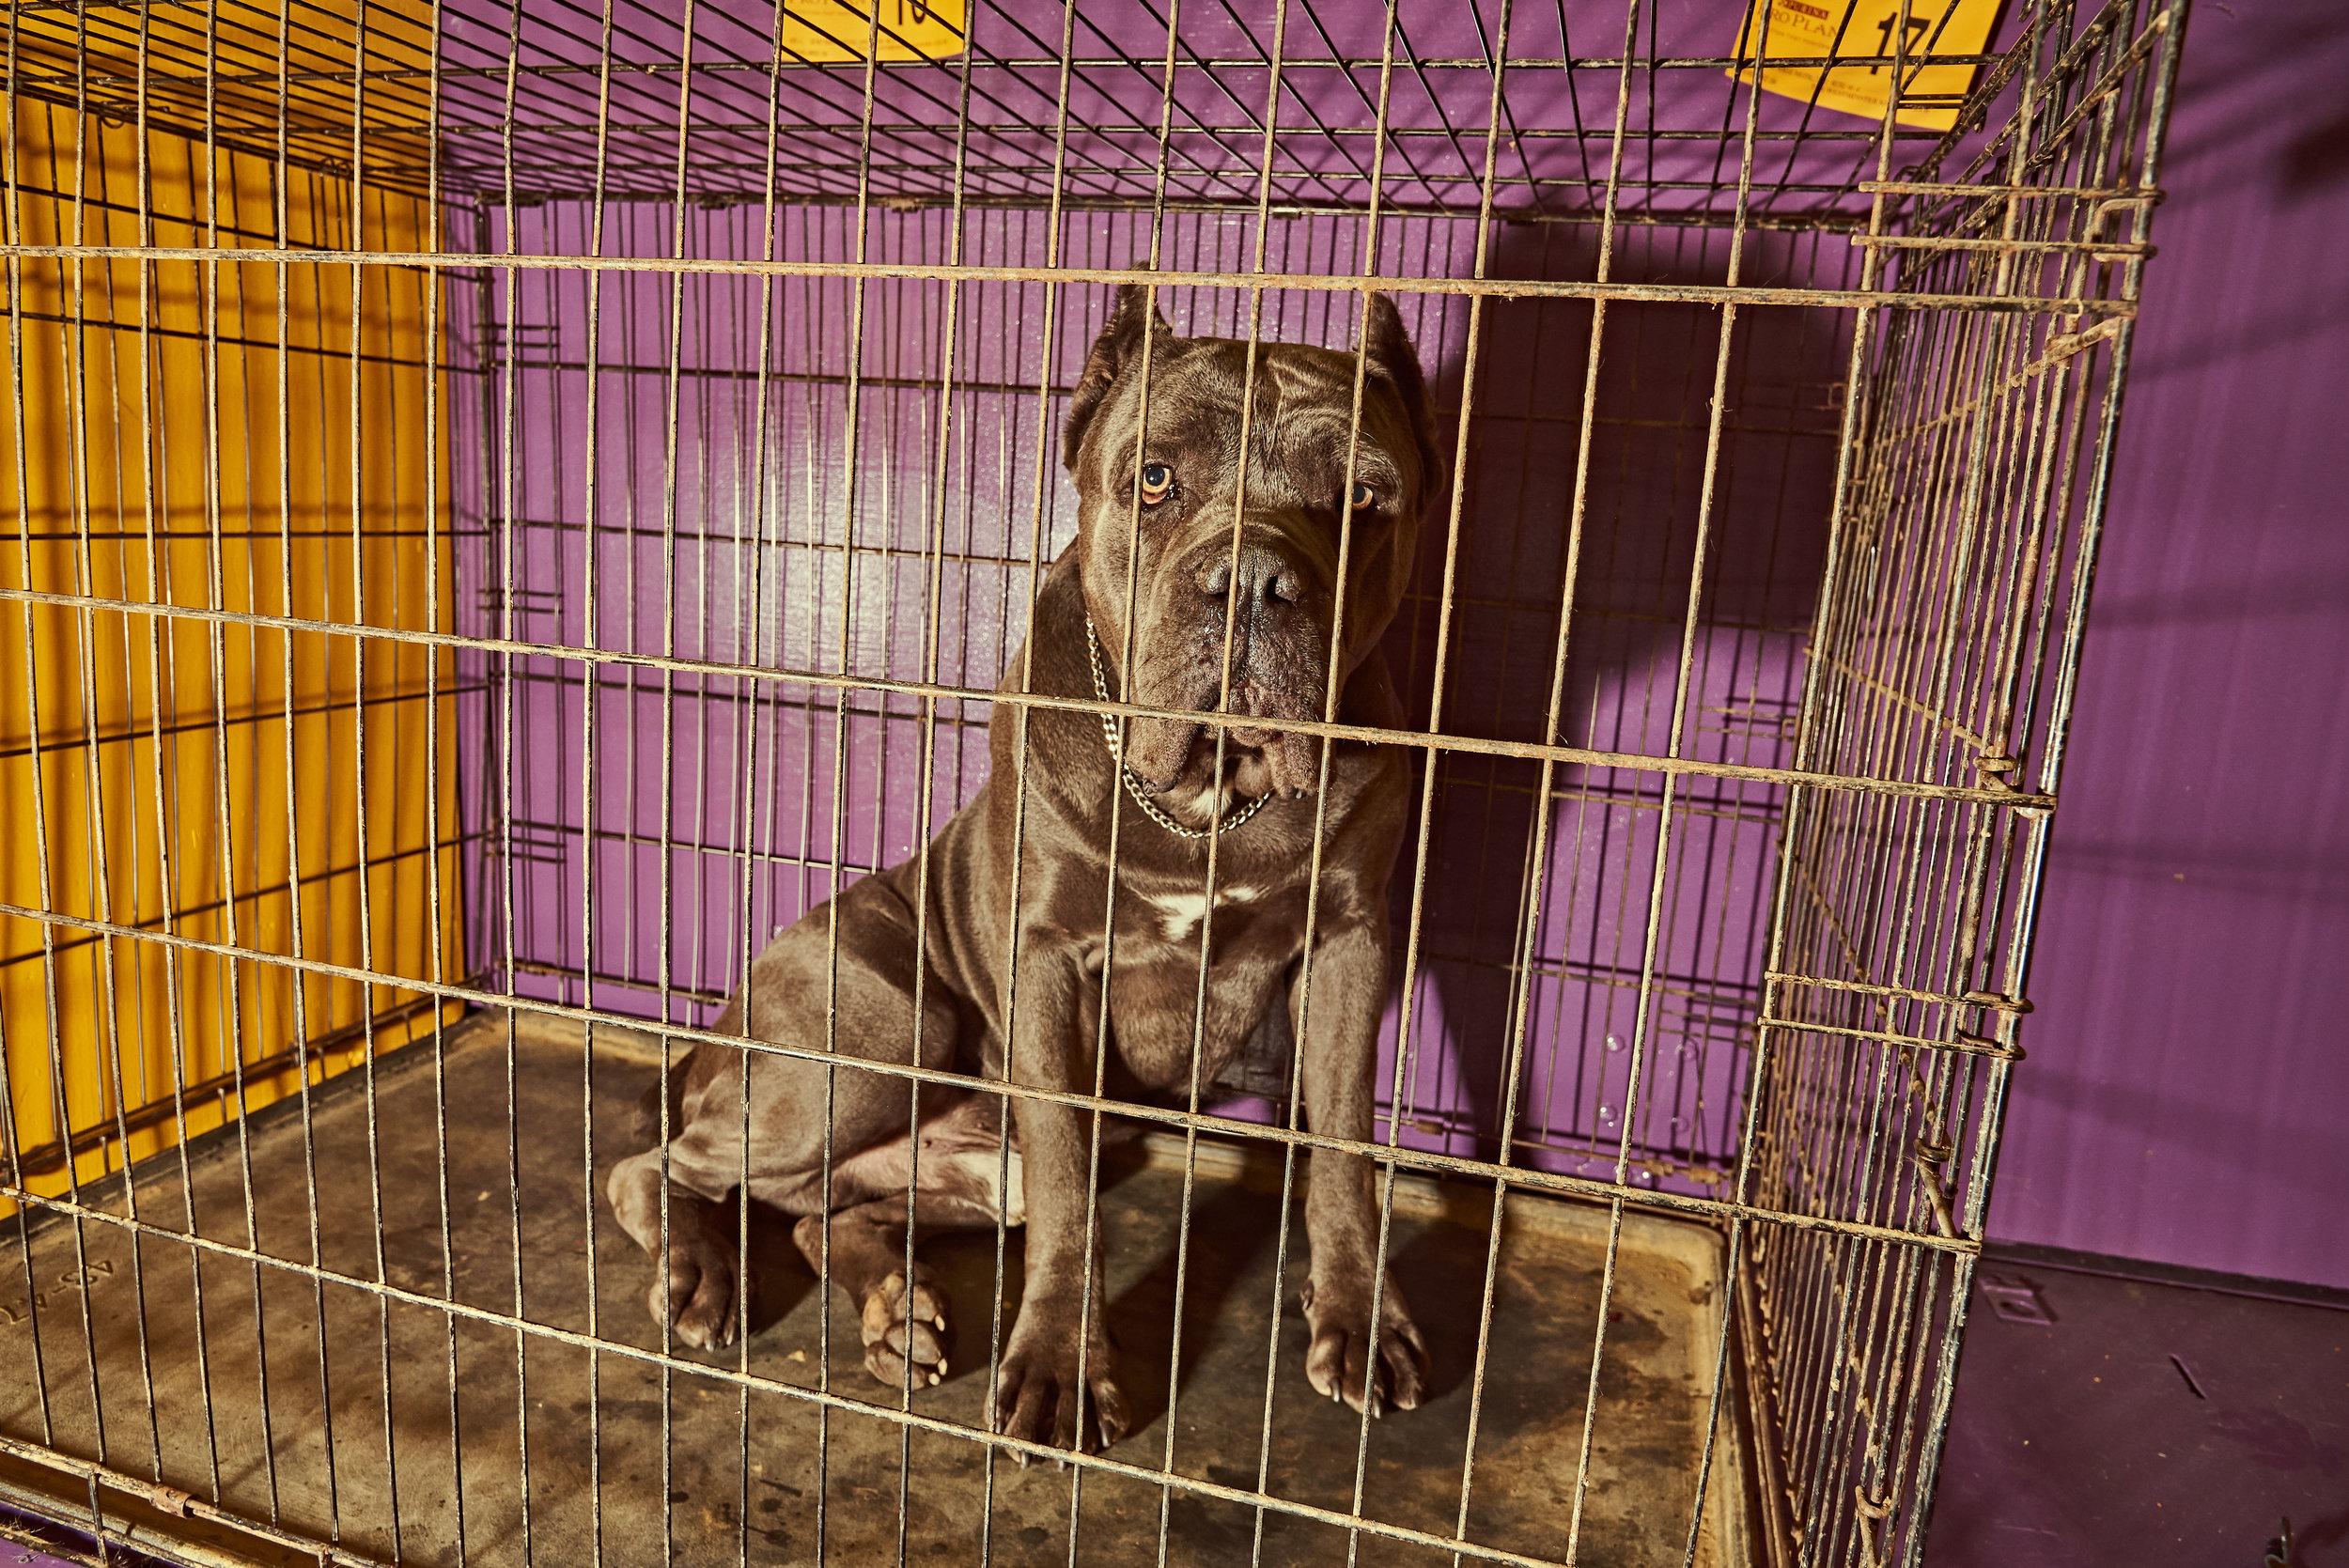 dogshow19_day3 23.jpg